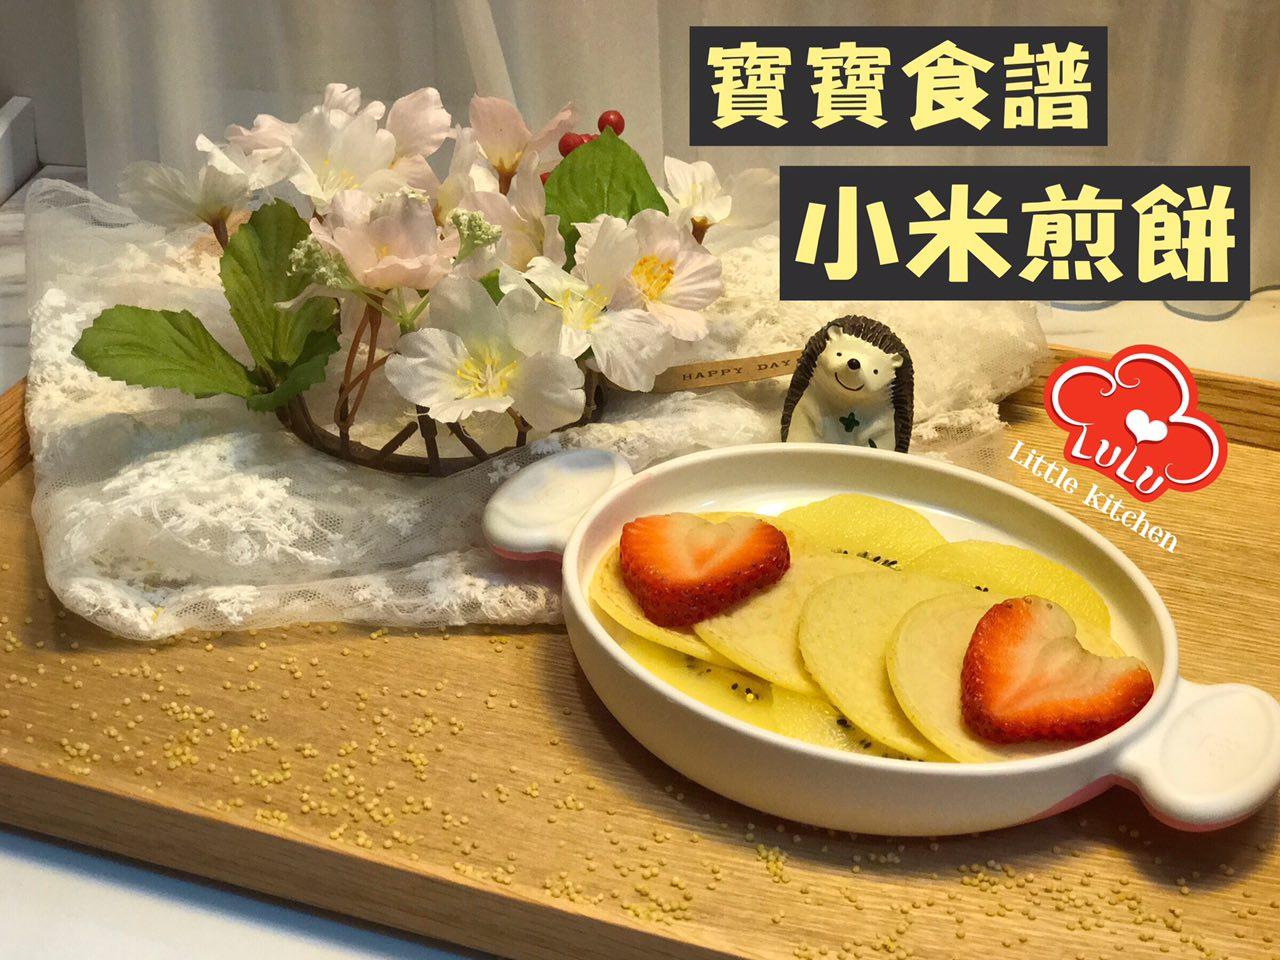 寶寶食譜:小米煎餅 12M